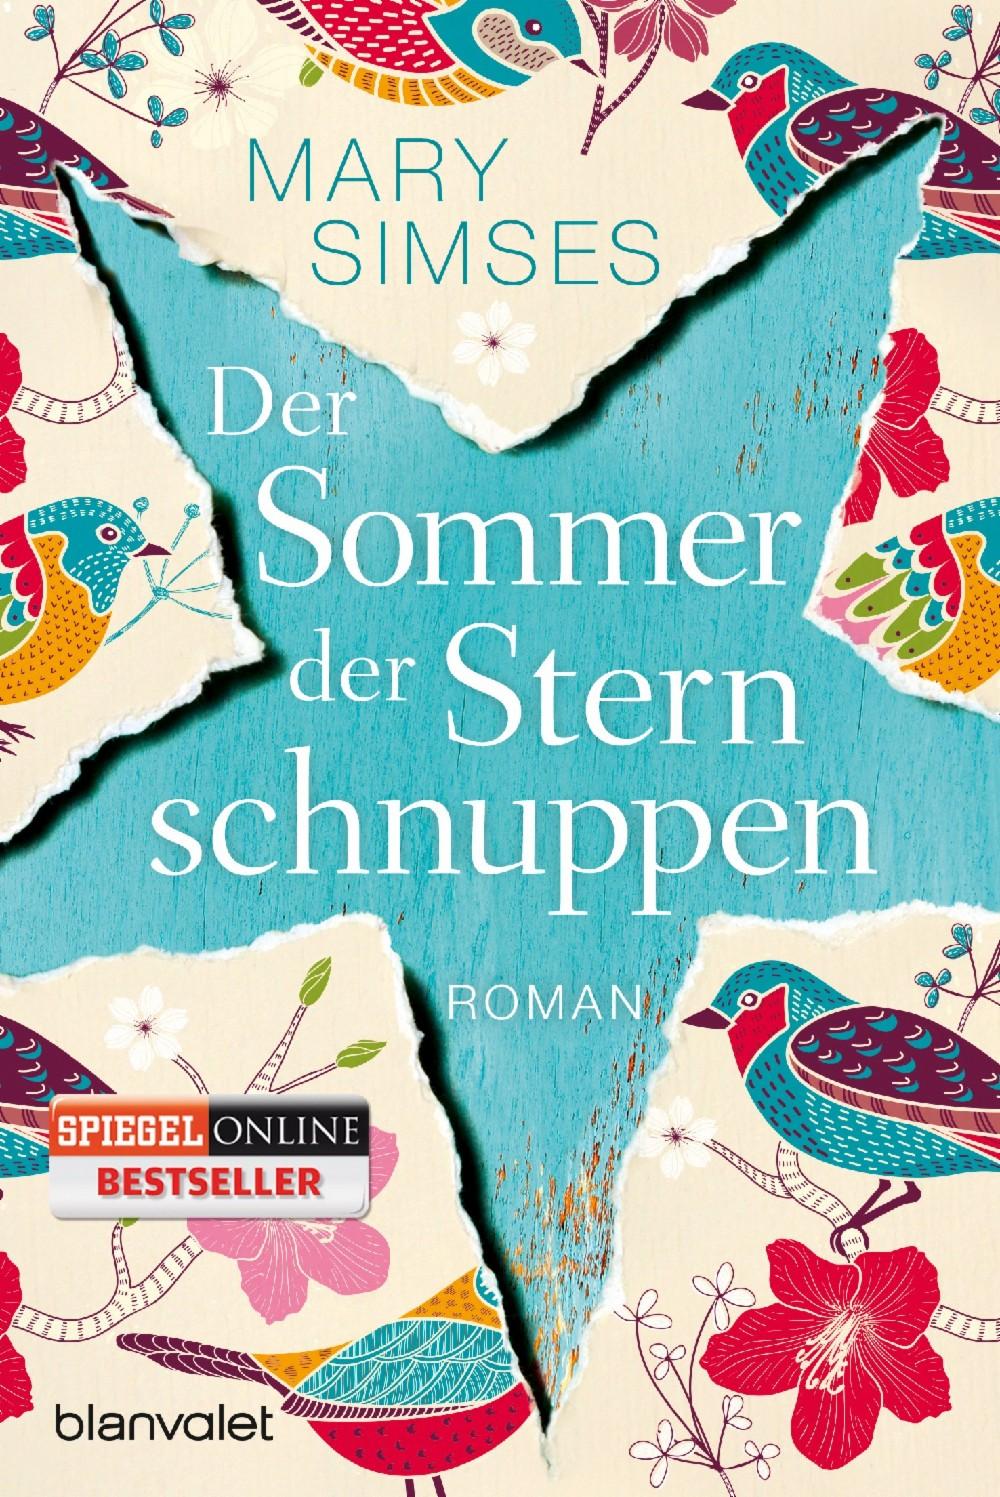 https://www.weltbild.at/artikel/buch/der-sommer-der-sternschnuppen_21098064-1?wea=59528439